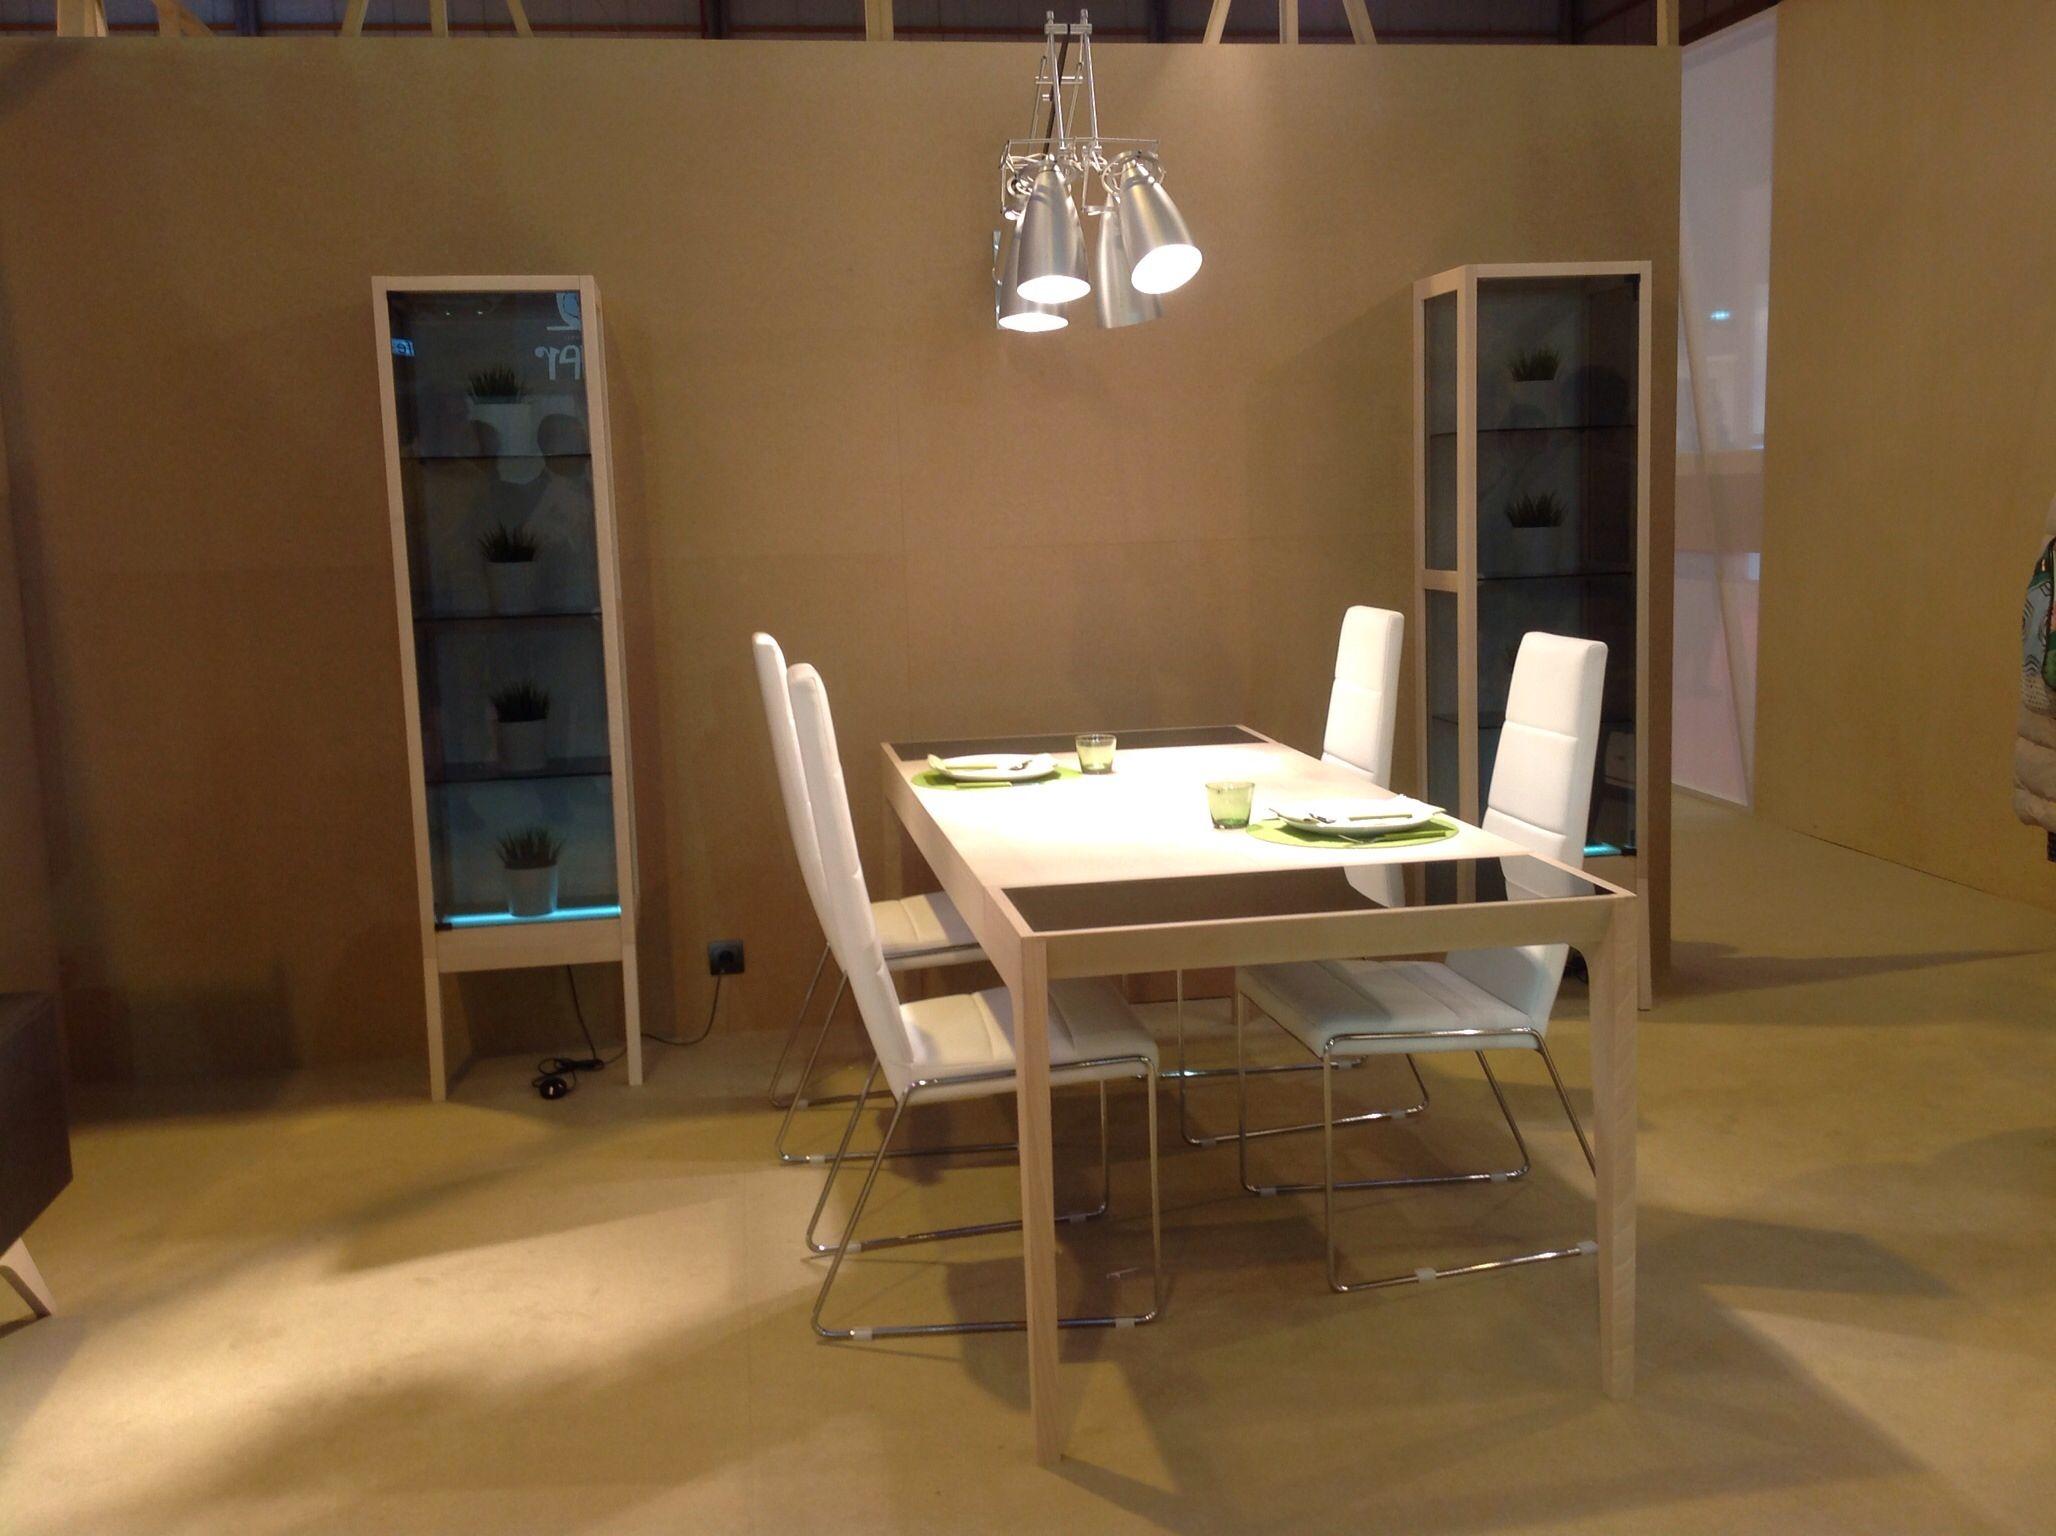 Equilibrio En Acabados Sistemas De Montaje E Iluminaci N  # Muebles Equilibrio